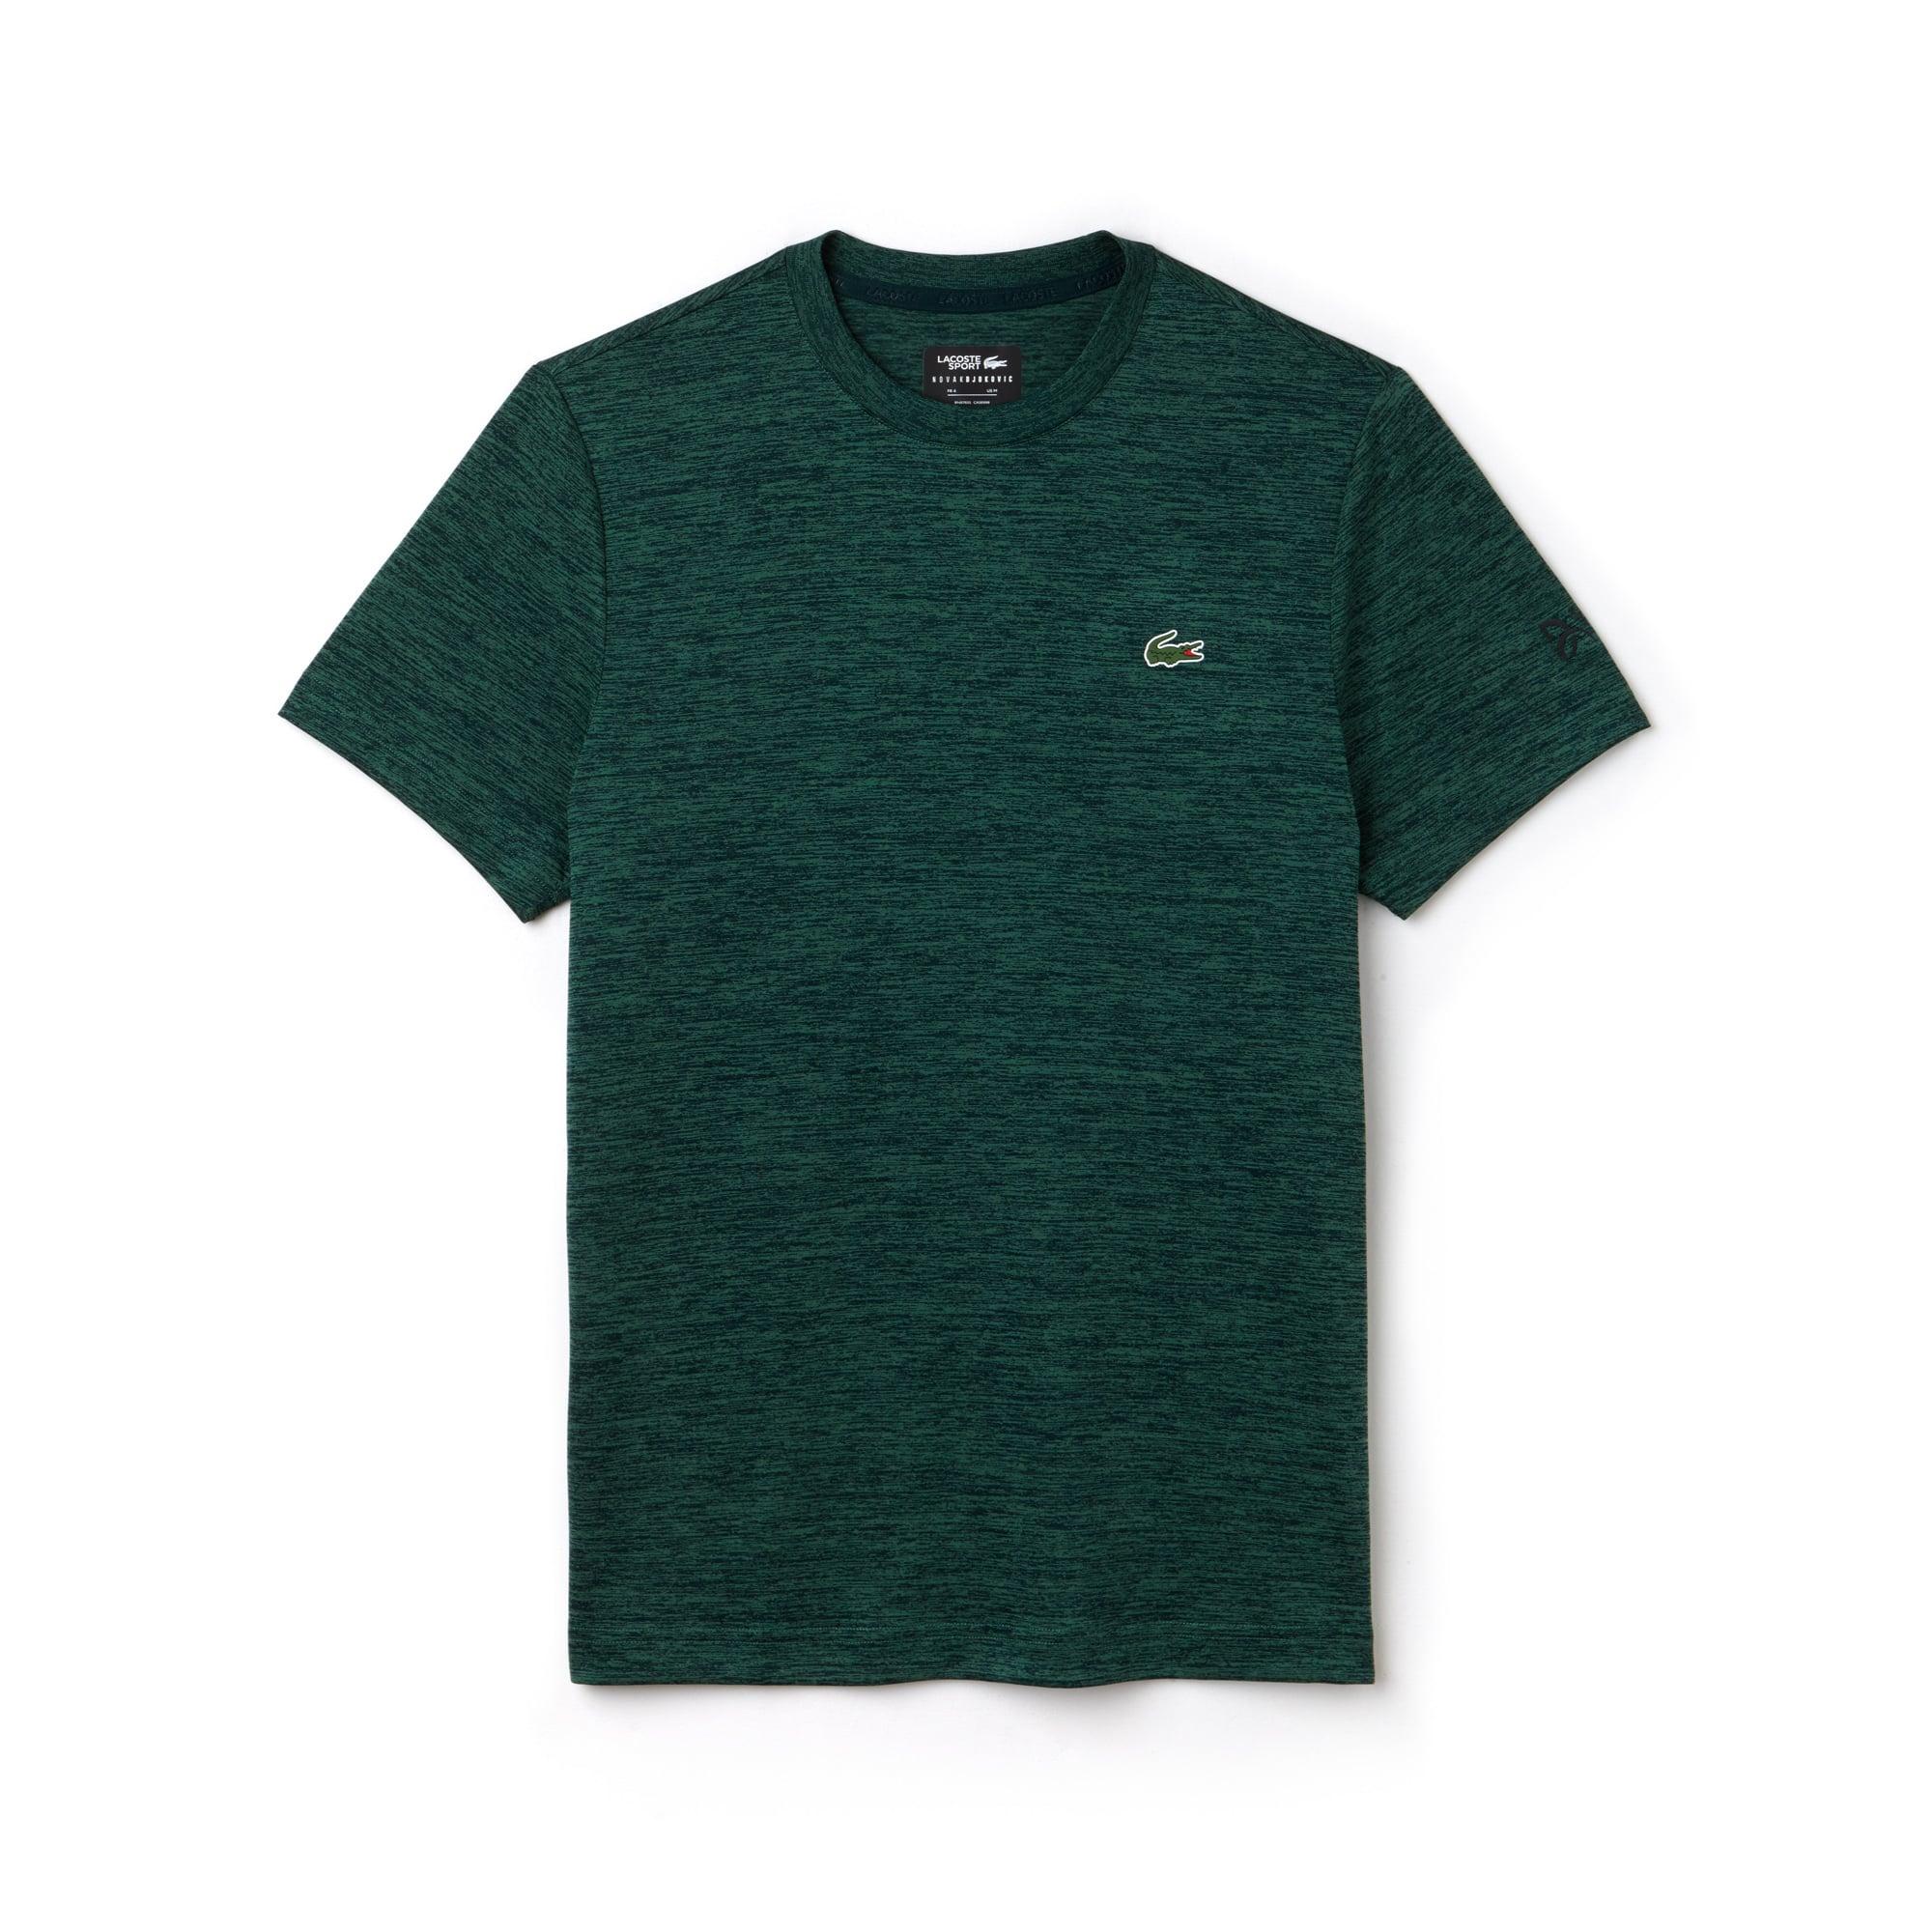 Herren-Rundhals-Shirt aus Funktions-Jersey LACOSTE SPORT TENNIS